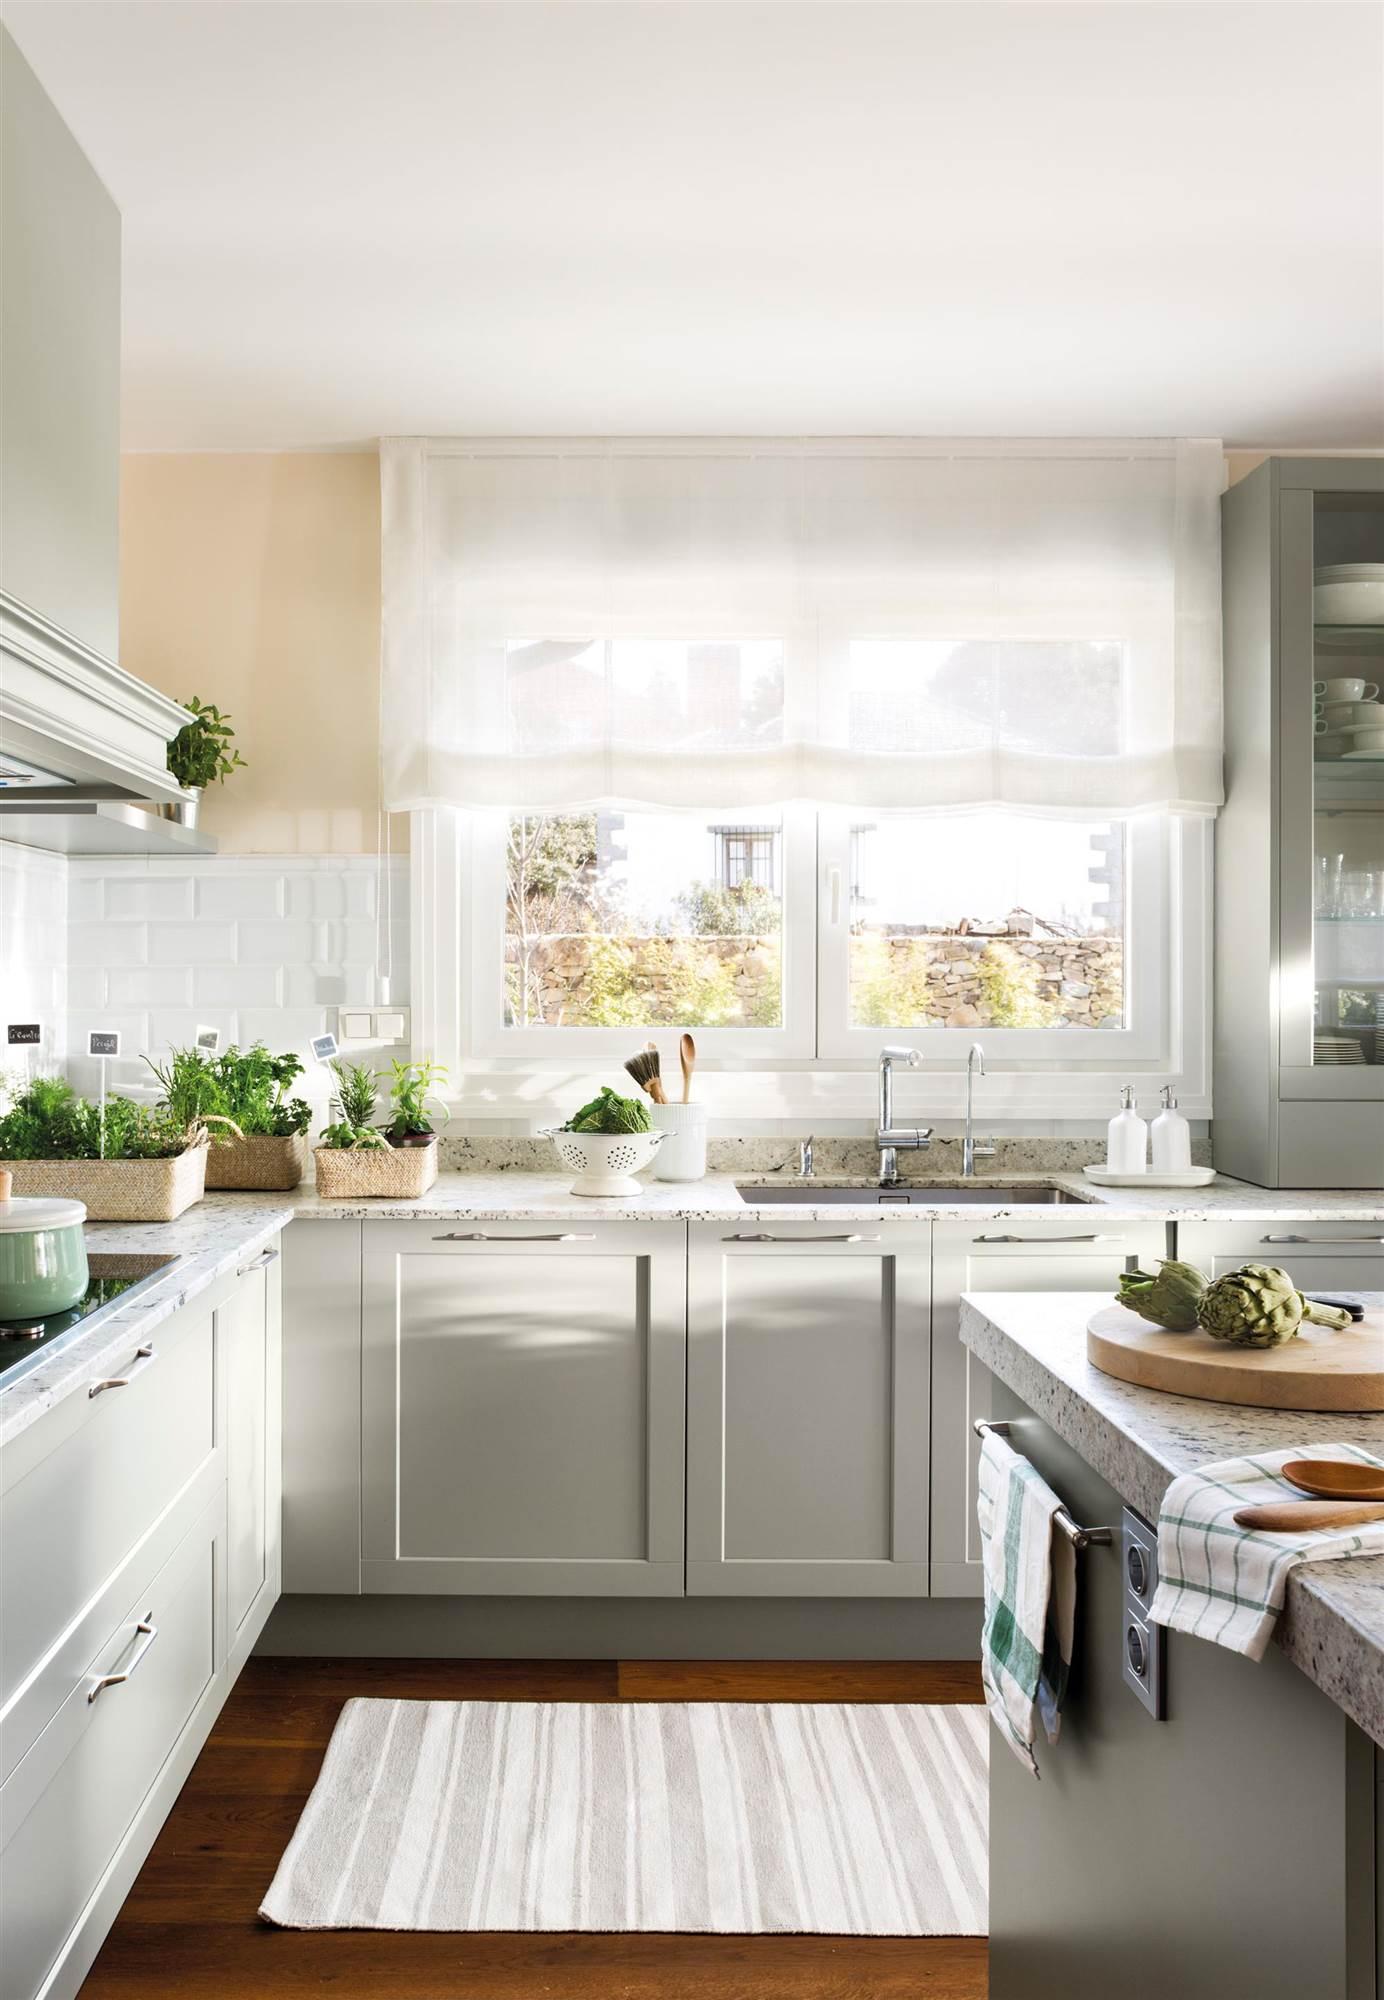 Elige el tejido perfecto para cada cortina - Estores para cocinas modernas ...